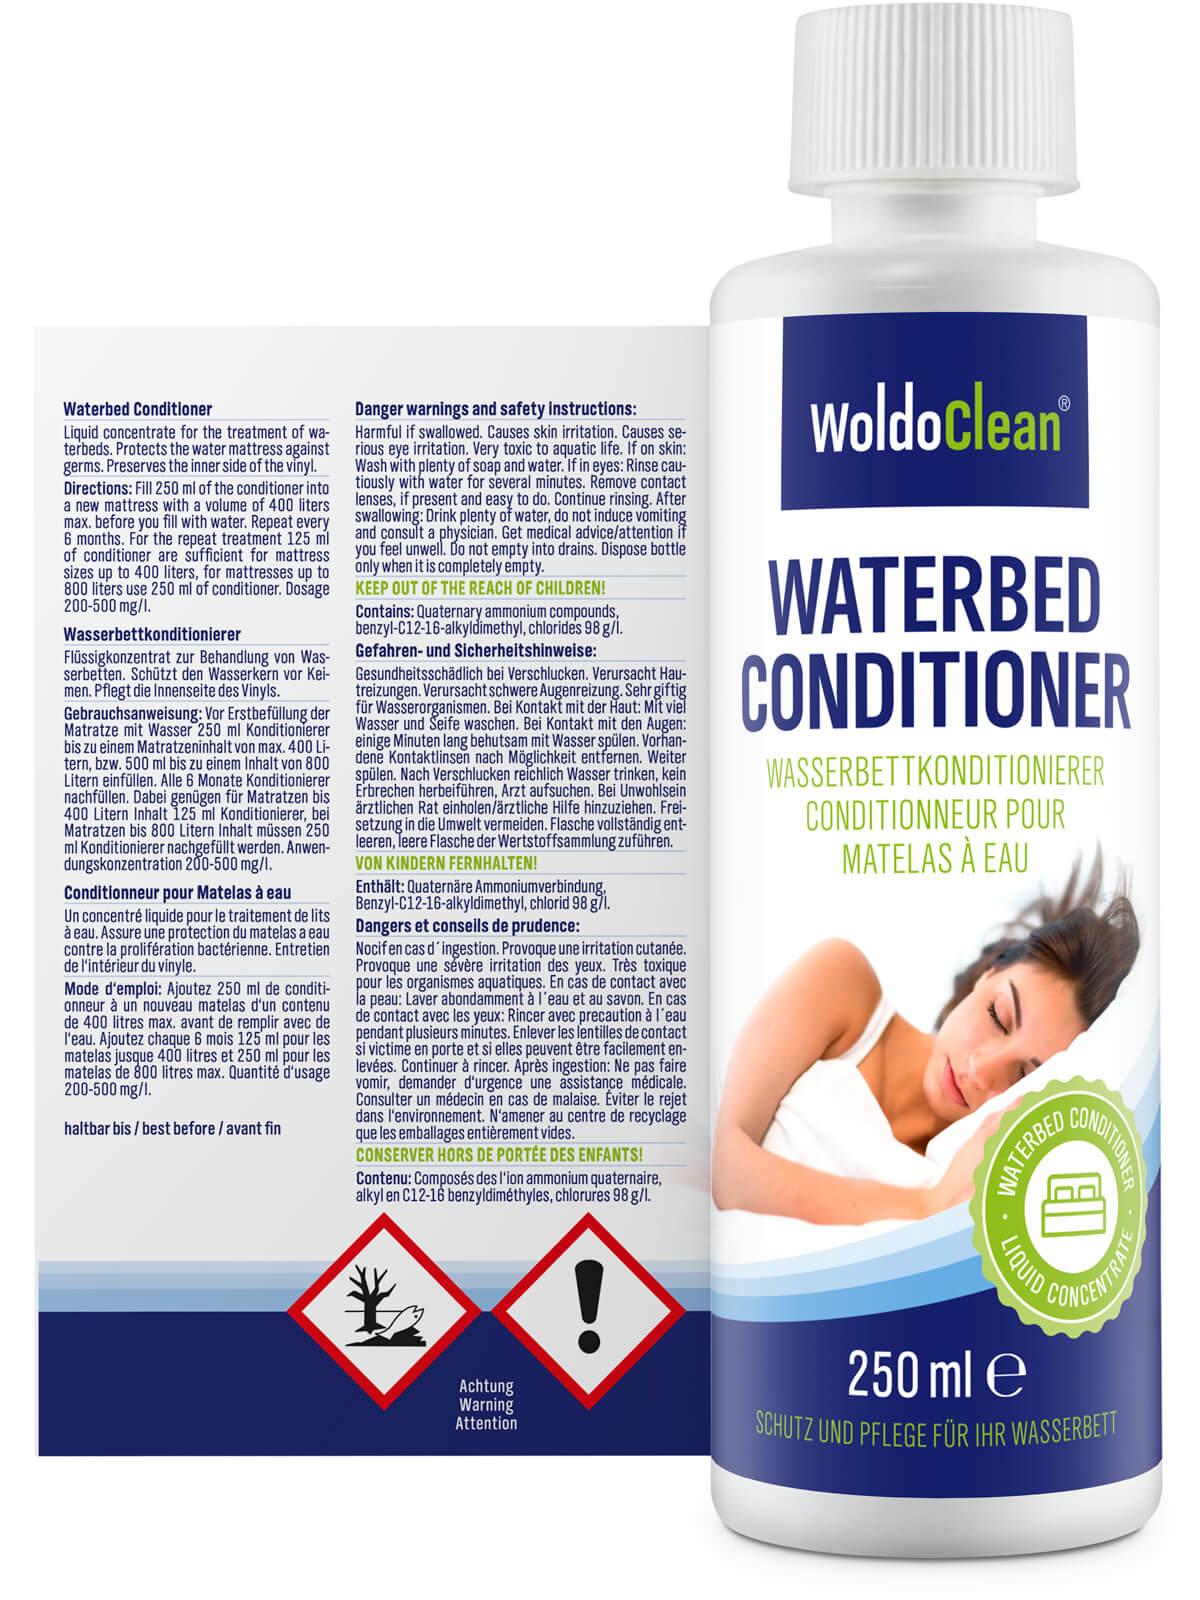 woldoclean-wasserbett-konditionierer-250ml-3